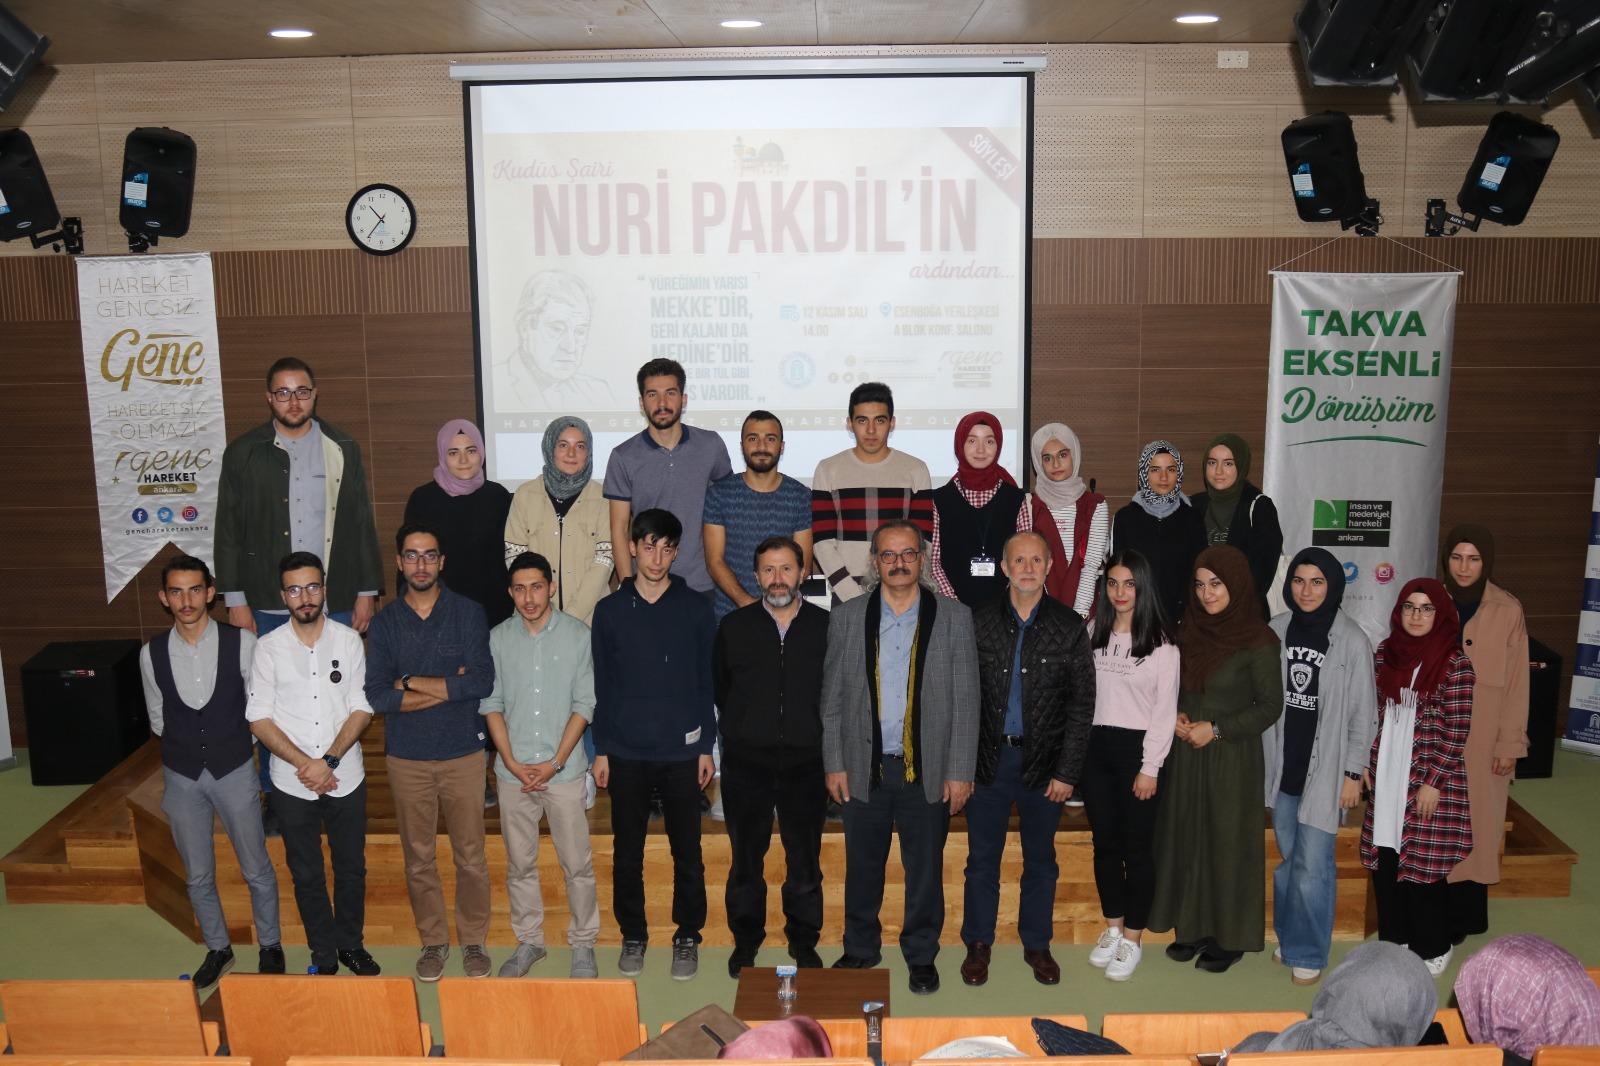 Nuri Pakdil'in Ardından